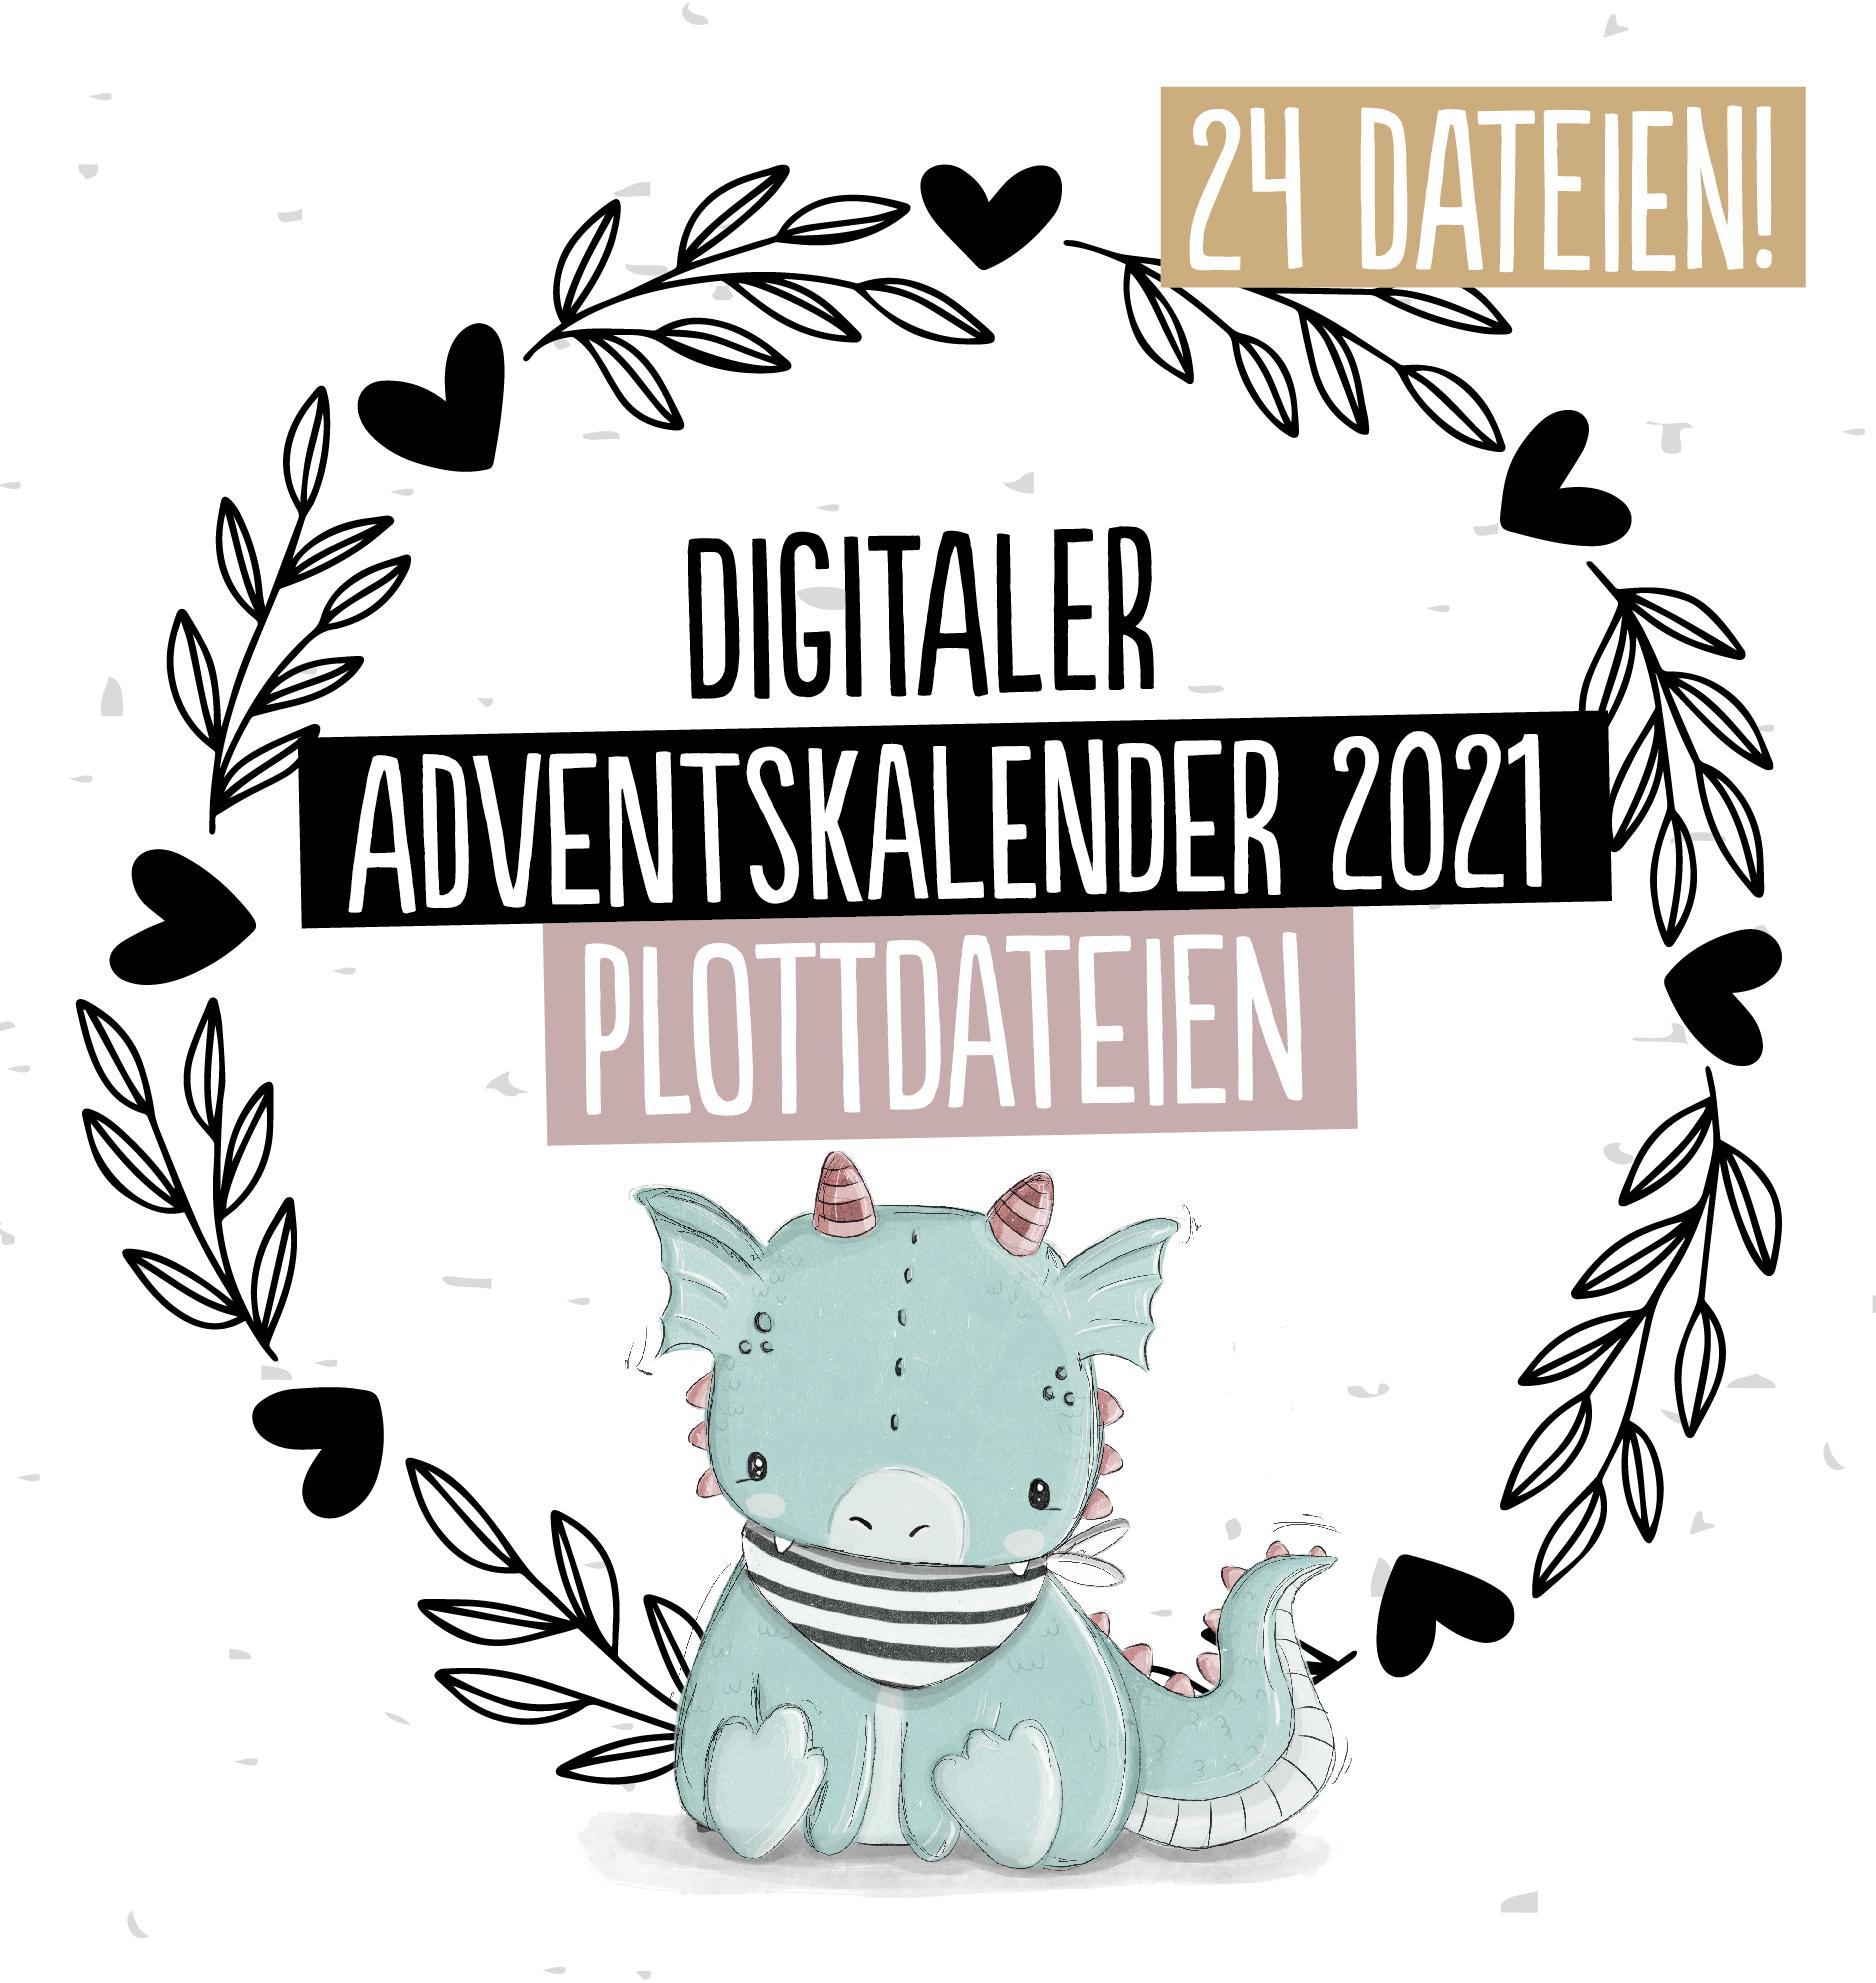 Plottervorlagen Adventskalender Paul & Clara 2021